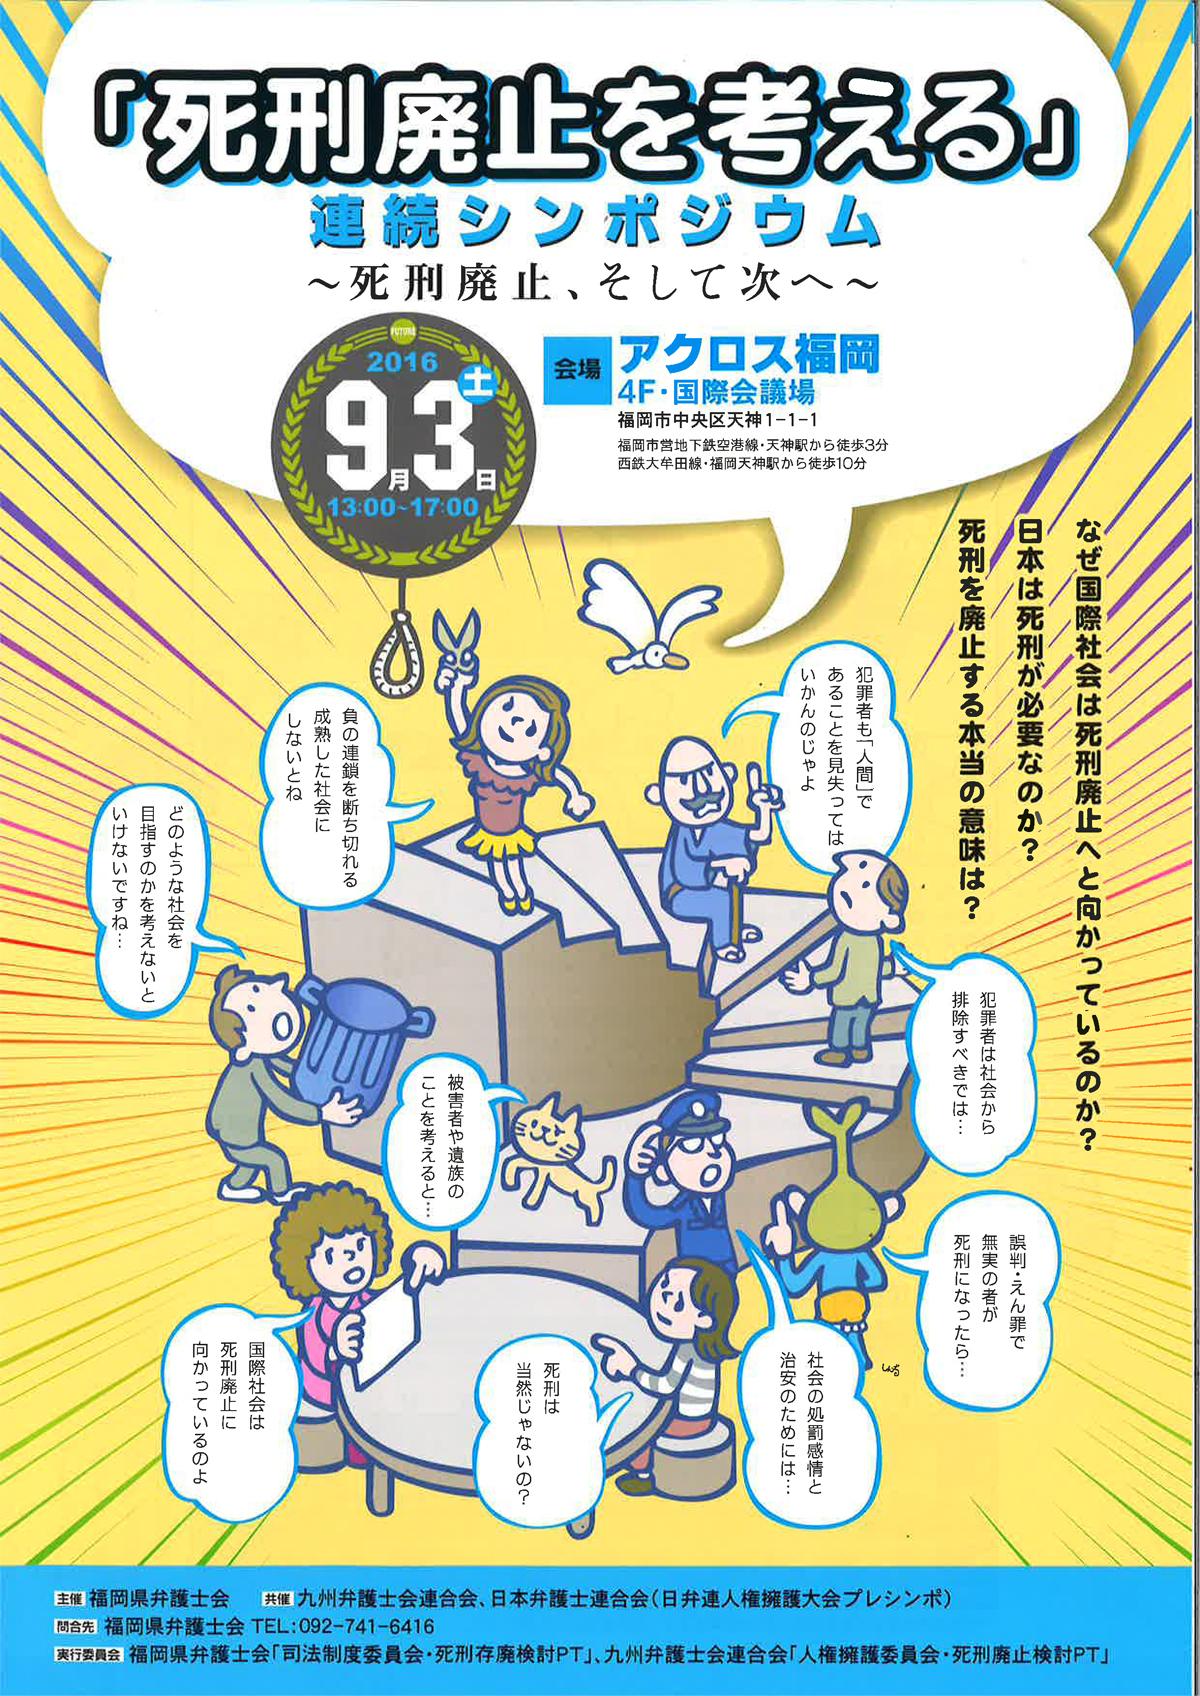 福岡県弁護士会からのお知らせ:「死刑廃止を考える」連続シンポジウム ...